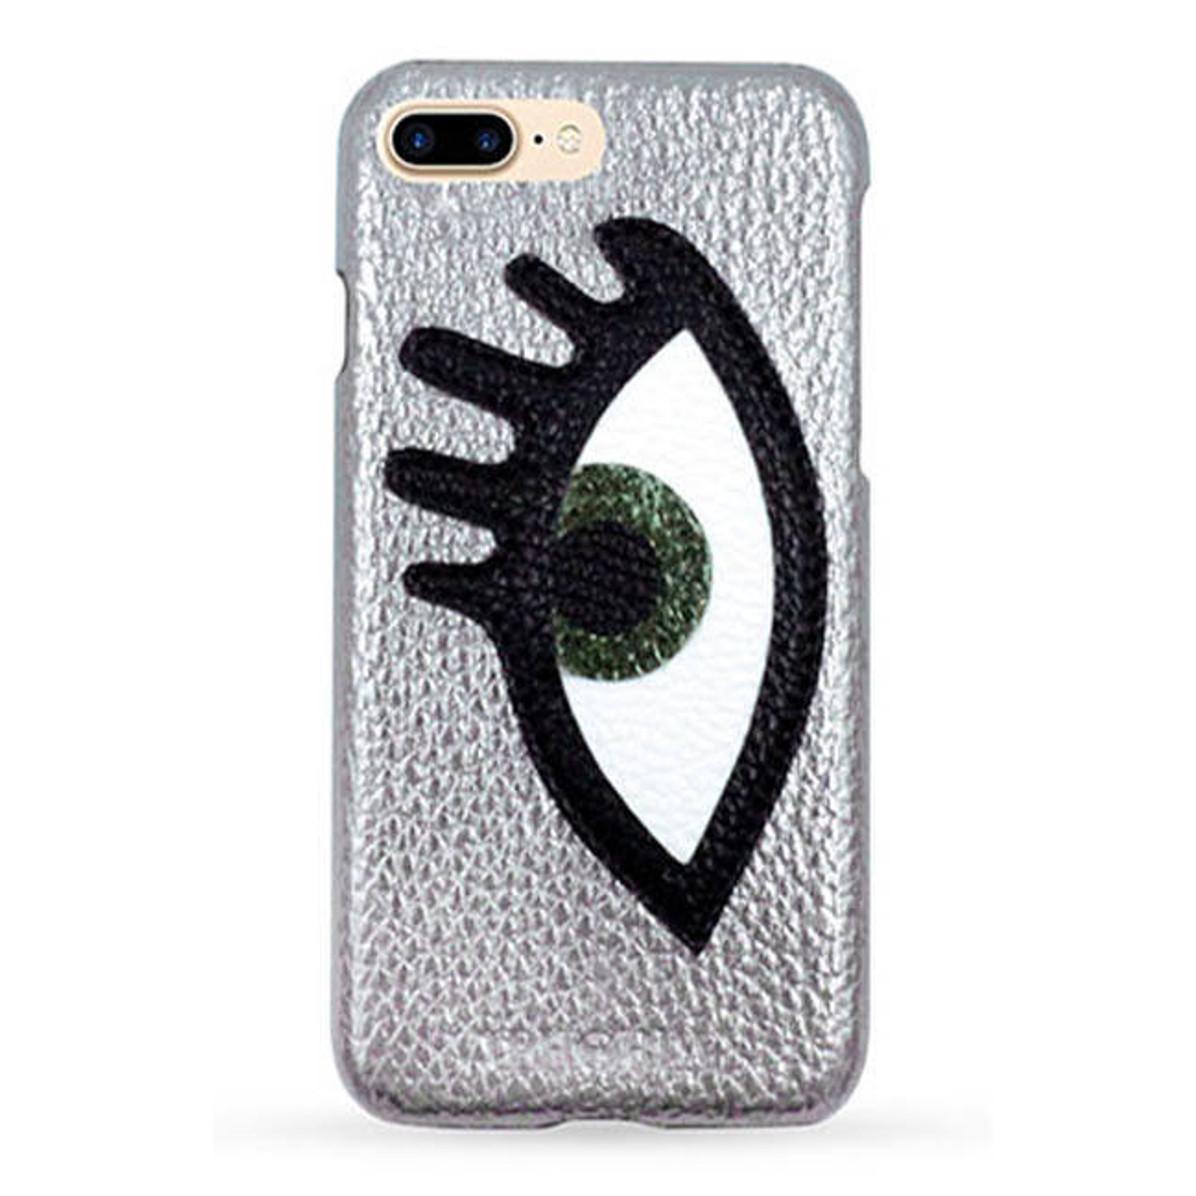 IPHORIA アイフォリア Case Metallic Eye for iPhone 7Plus/8Plus ケースメタリックアイ